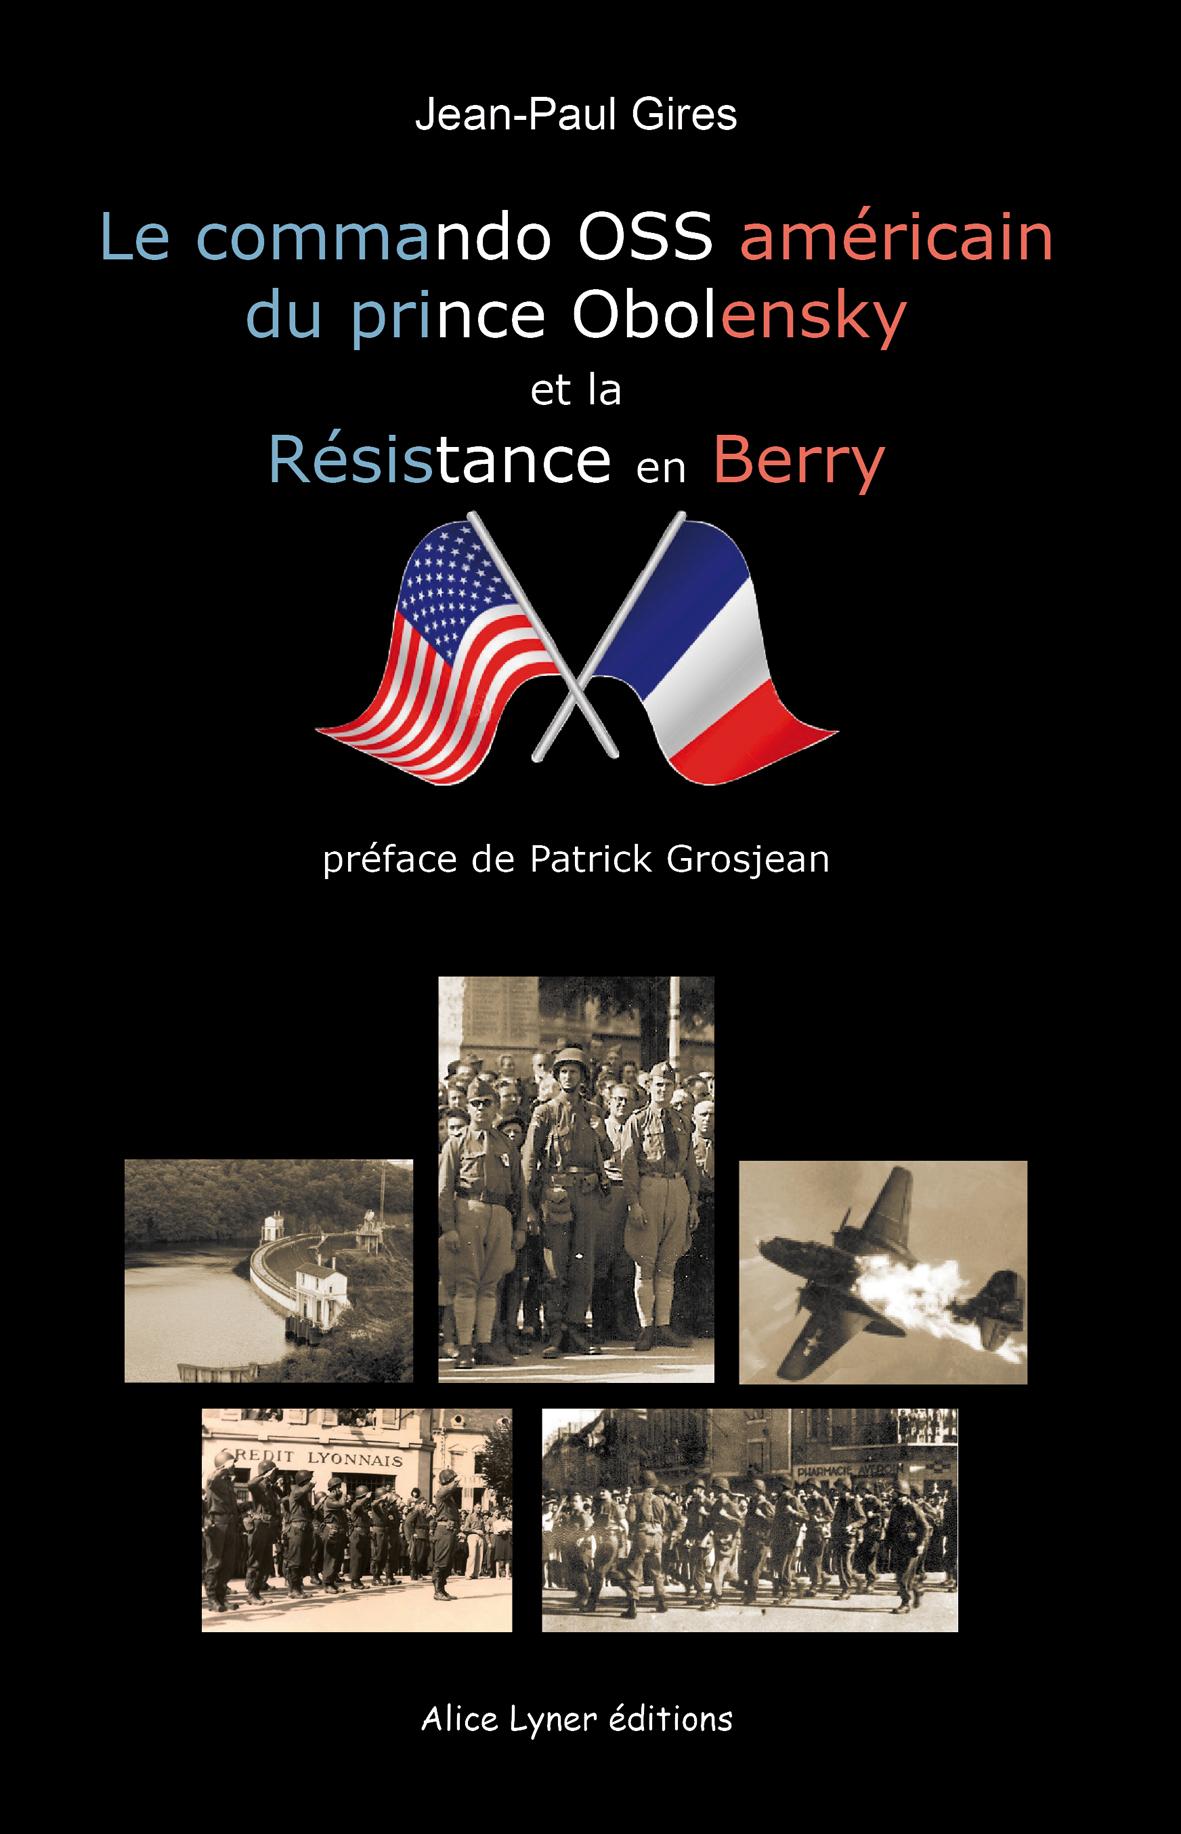 Le commande OSS américain du prince Obolensky et la Résistance en Berry